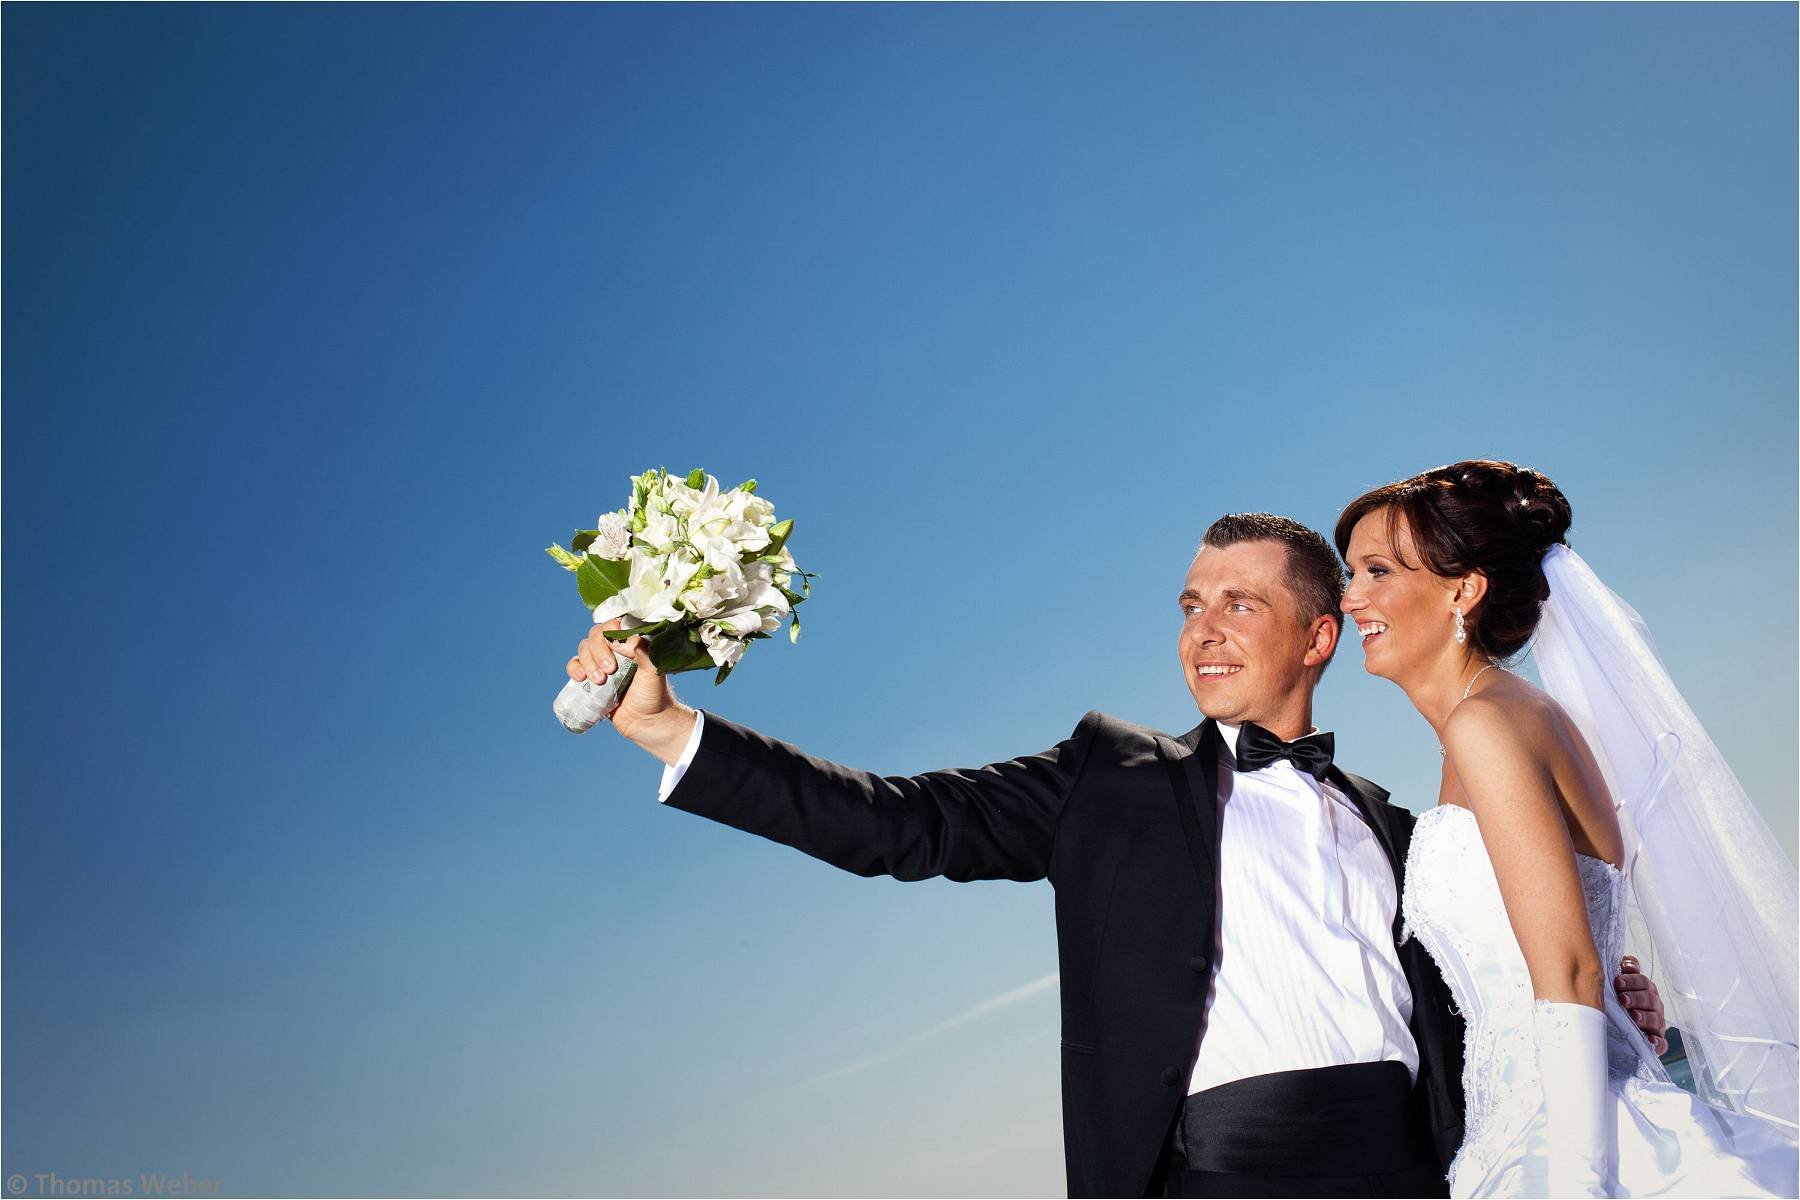 Hochzeitsfotograf Rangsdorf (Berlin): Hochzeit auf der Insel Falkenstein in Rangsdorf nahe Berlin (24)